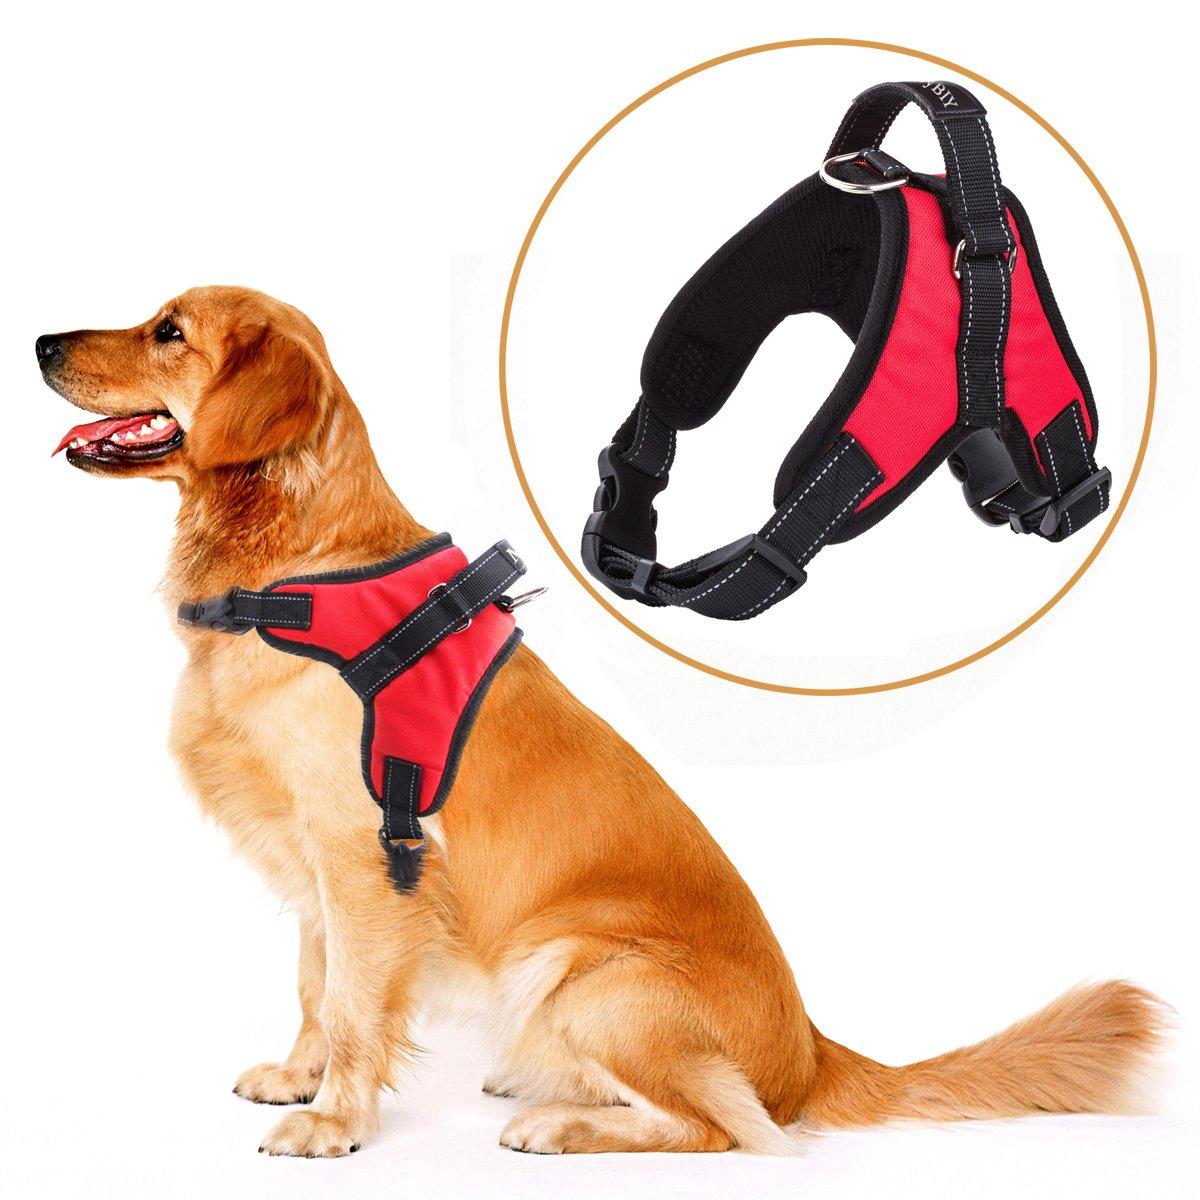 Negro, L MerryBIY Arn/és del Animal Dom/éstico Pet Harness Perro Collar Chaleco para Mascotas en el Pecho Correas con la Manija Accesorio Cuerda Lo Mejor para Pasear